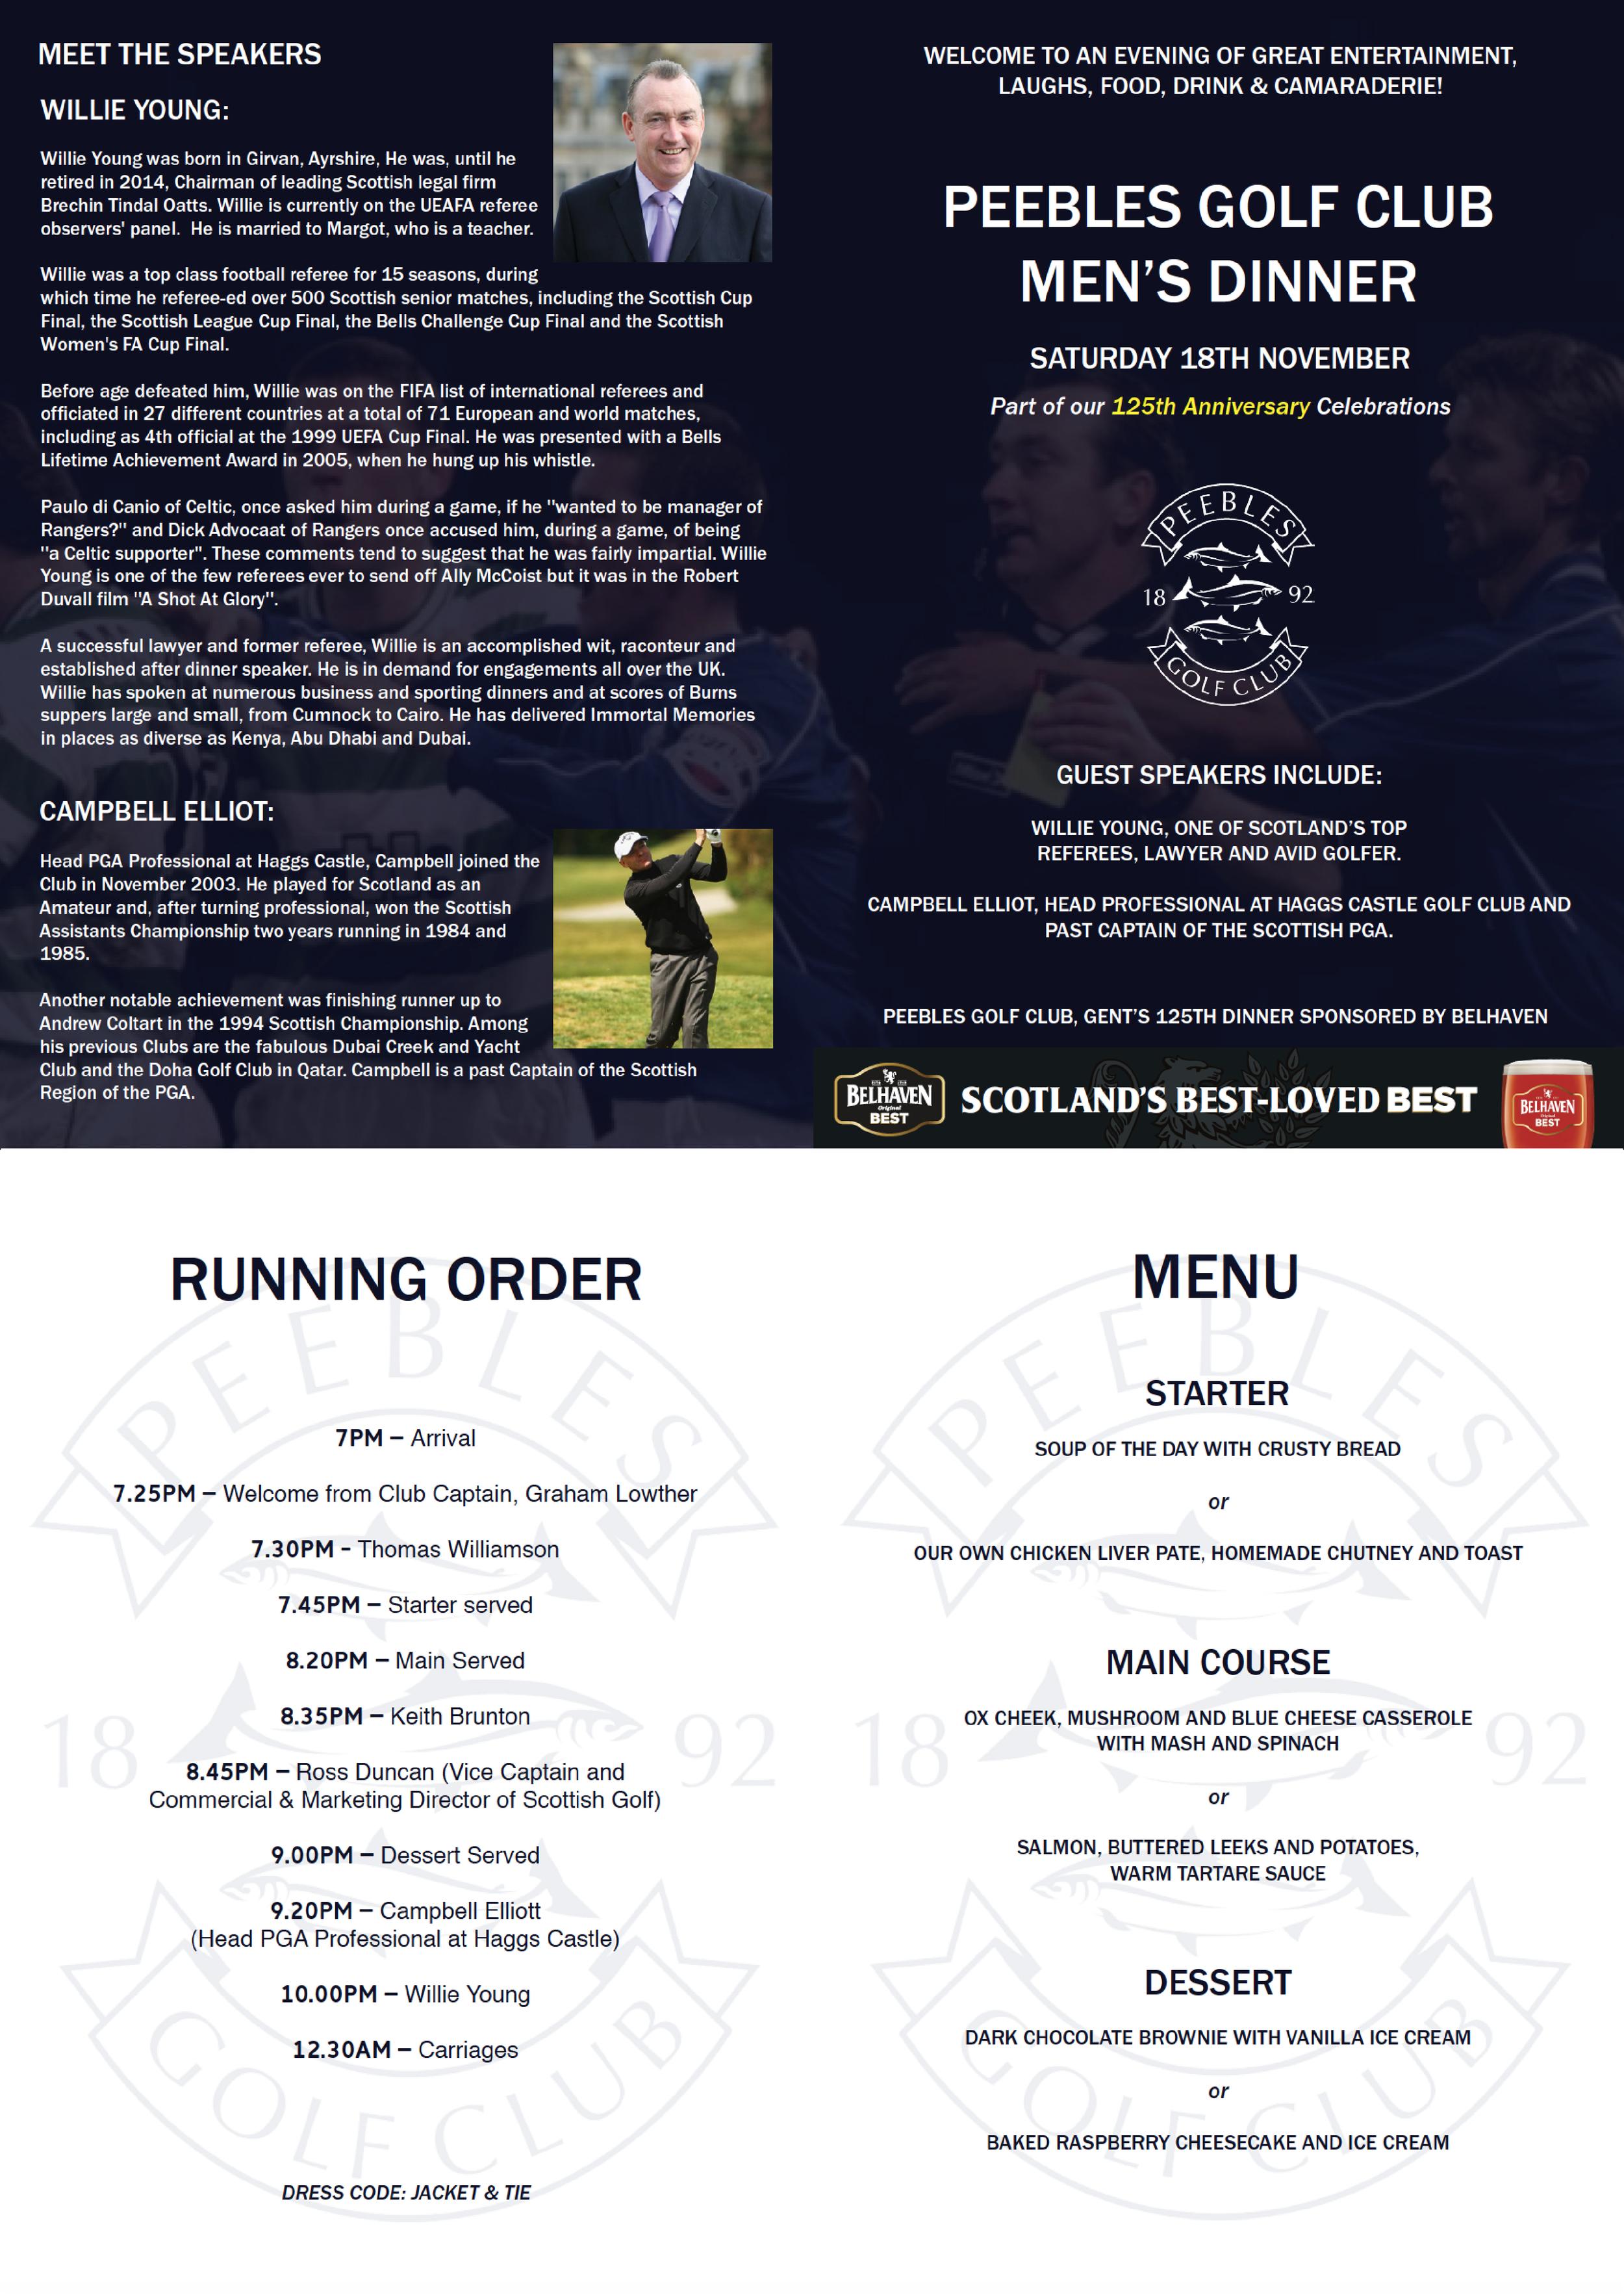 itinerary and menu